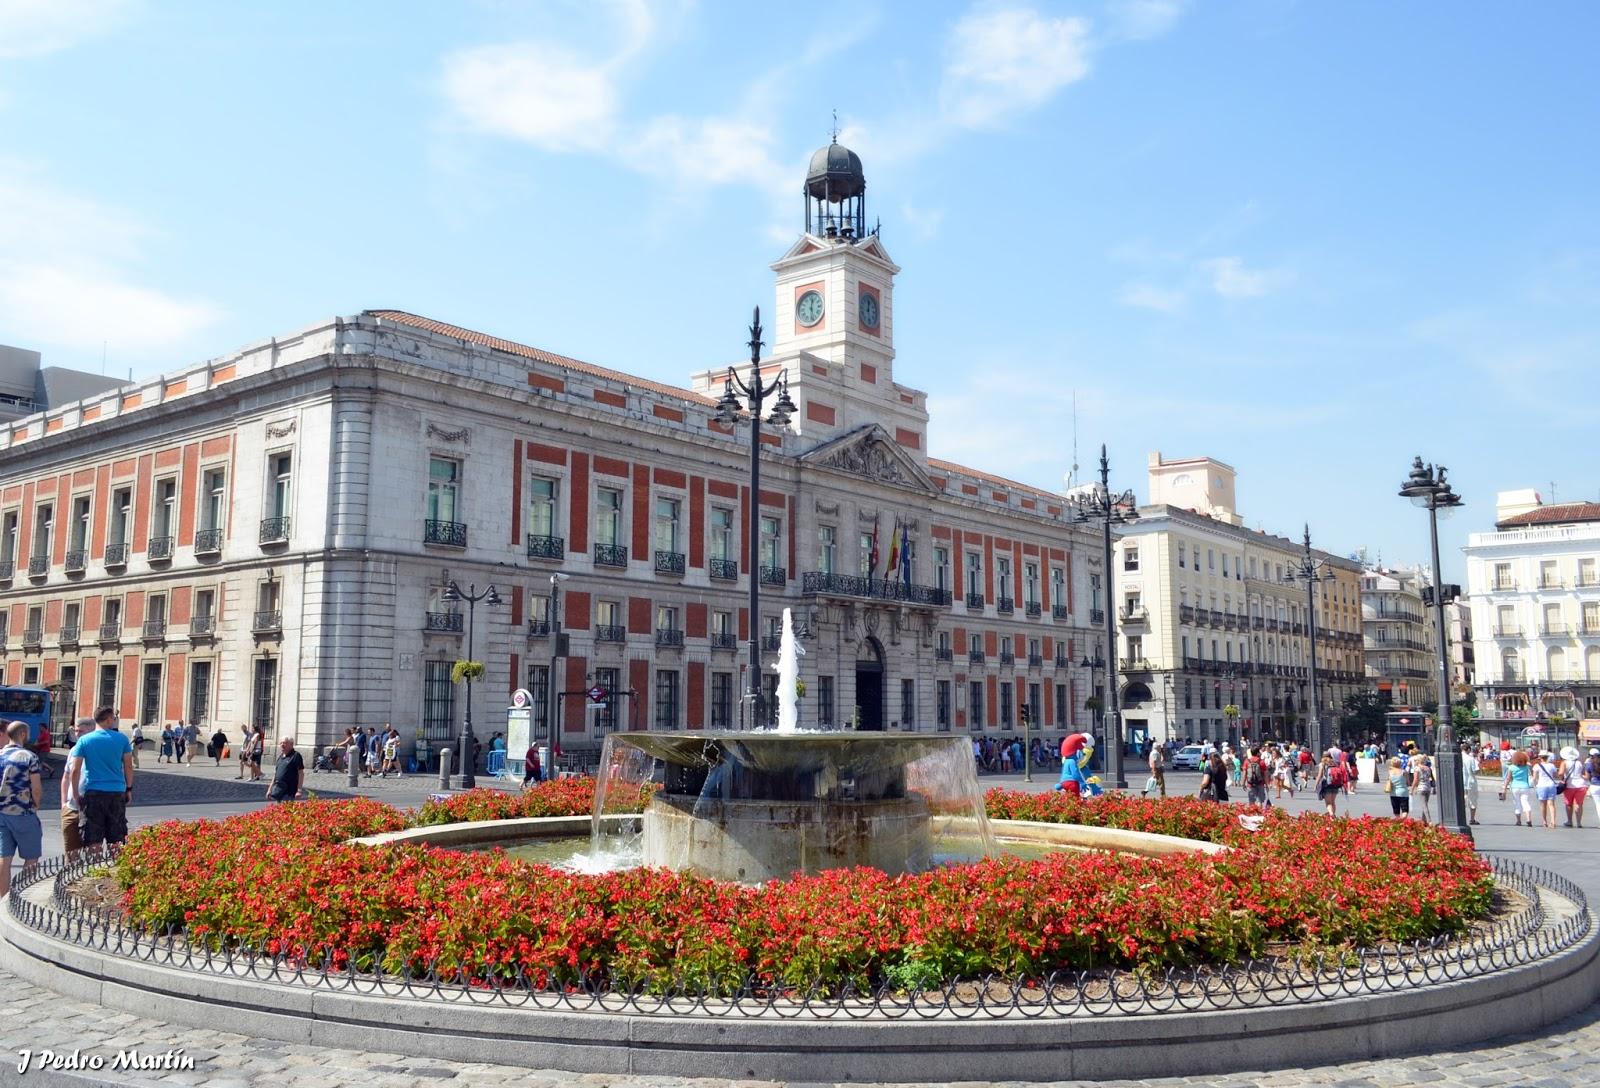 Madrid i puerta del sol y plaza mayor j pedro mart n for Plaza puerta del sol